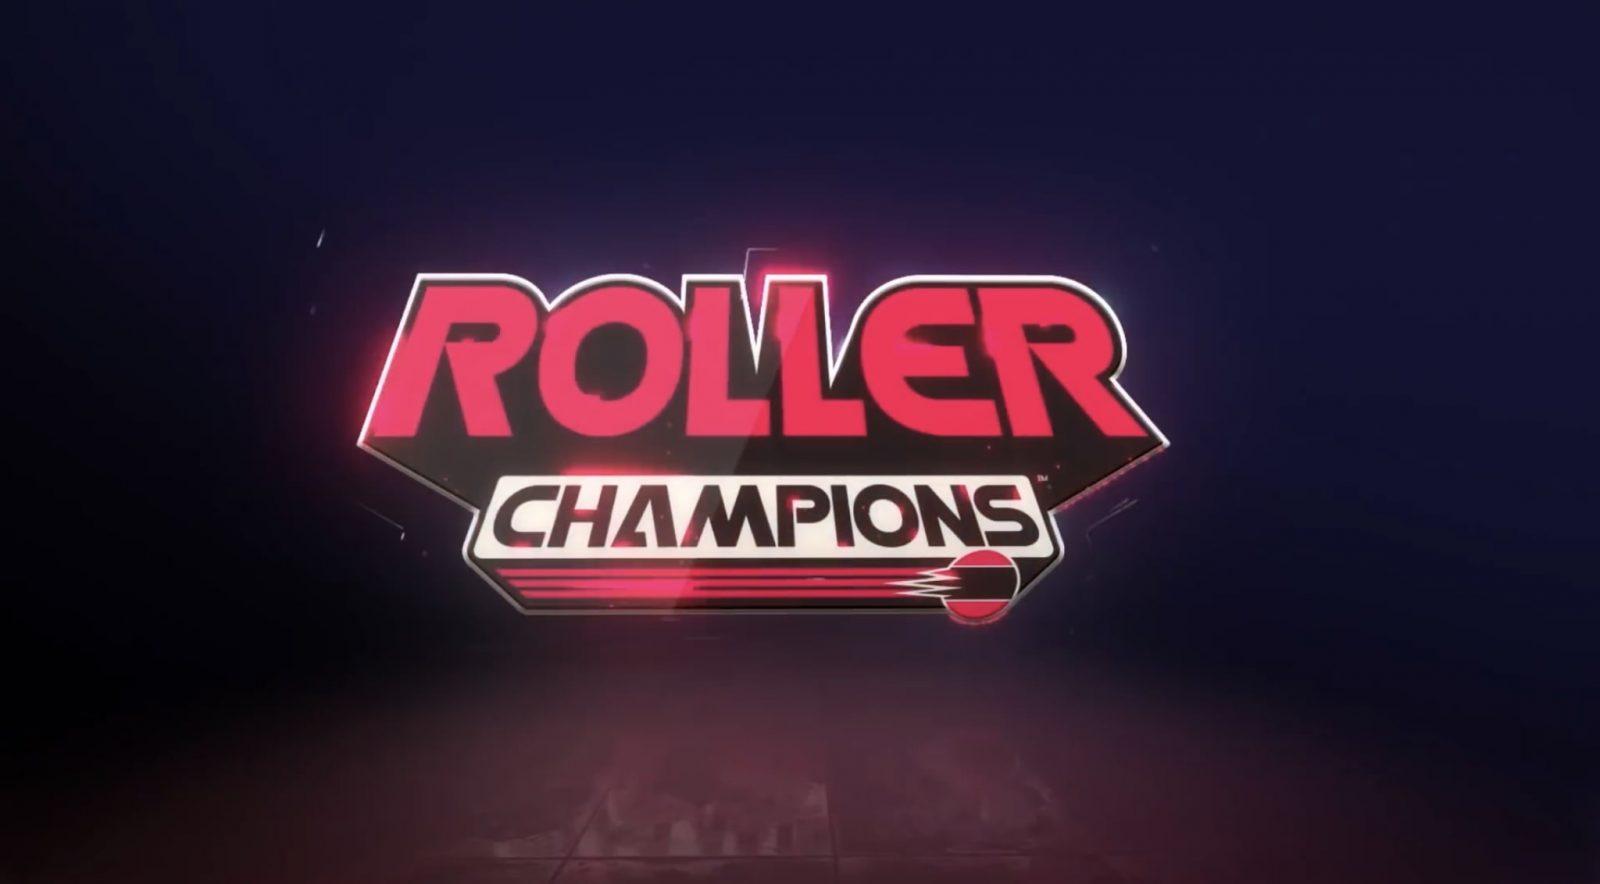 Ubisoft приготовил новую спортивную игру - Roller Champions